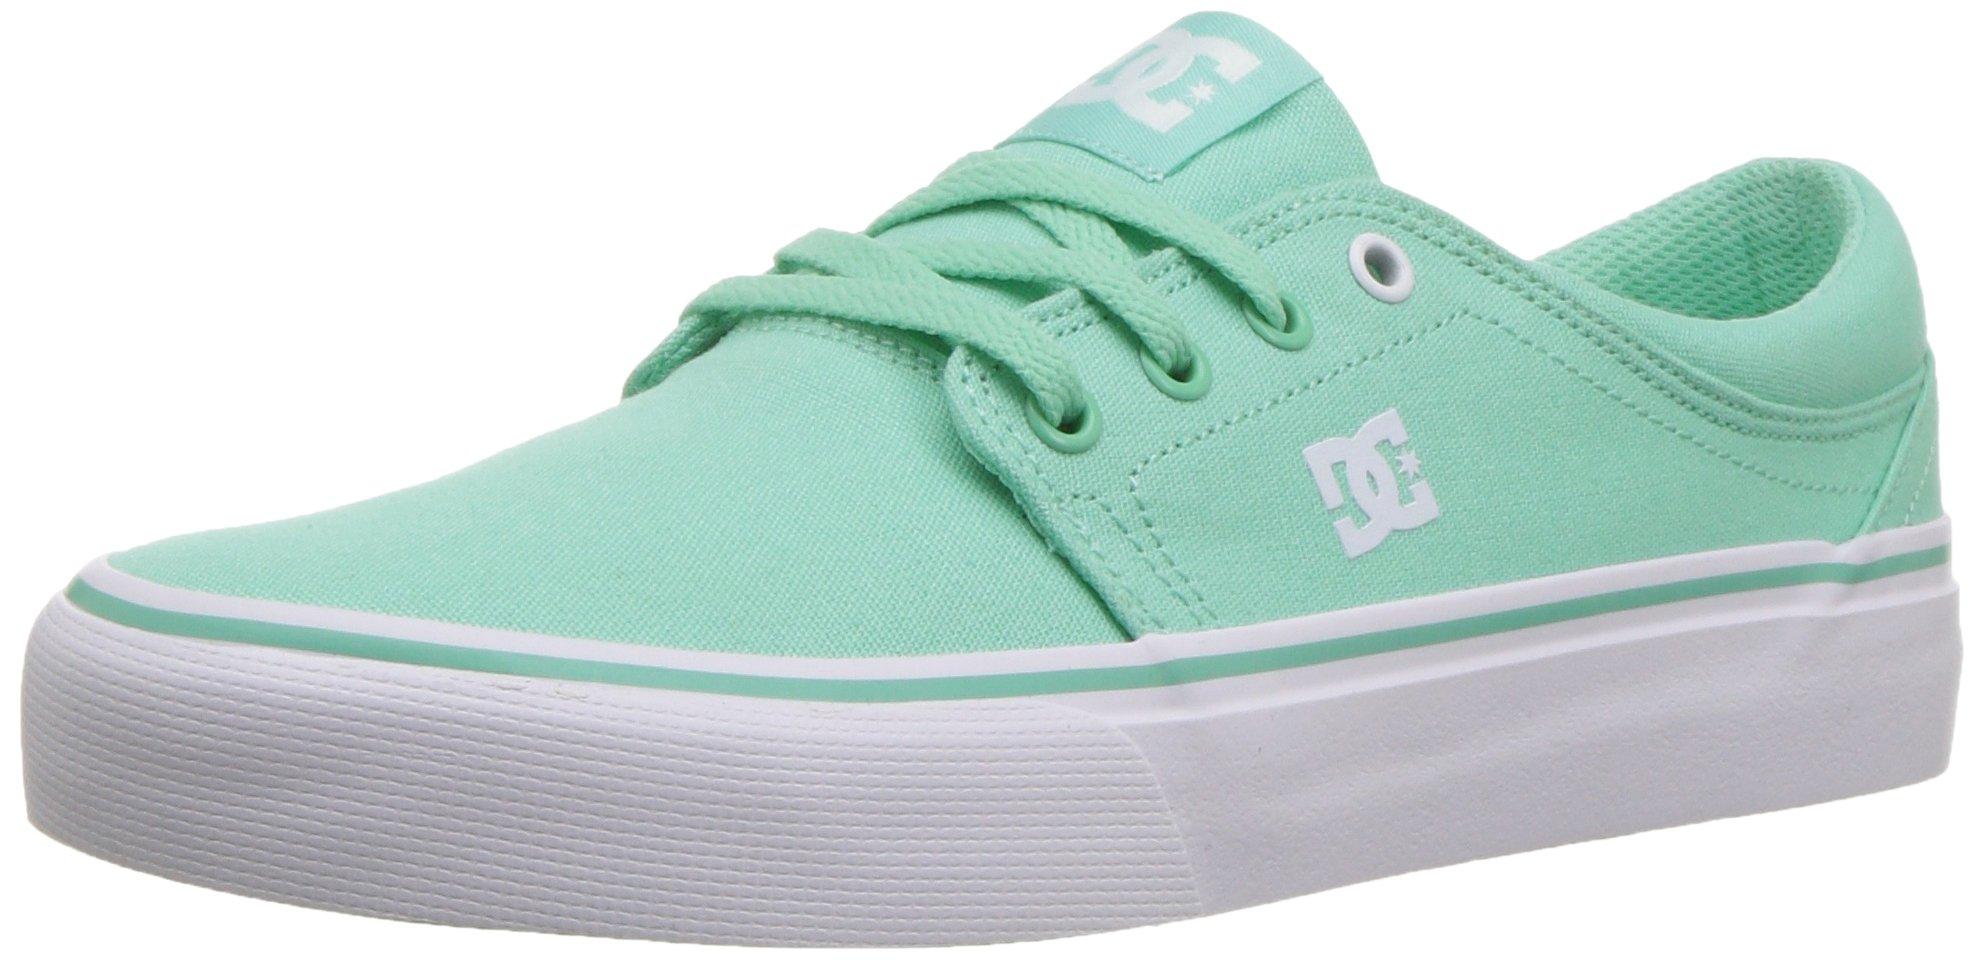 DC Women's Trase TX Skate Shoe, Mint, 9 B B US